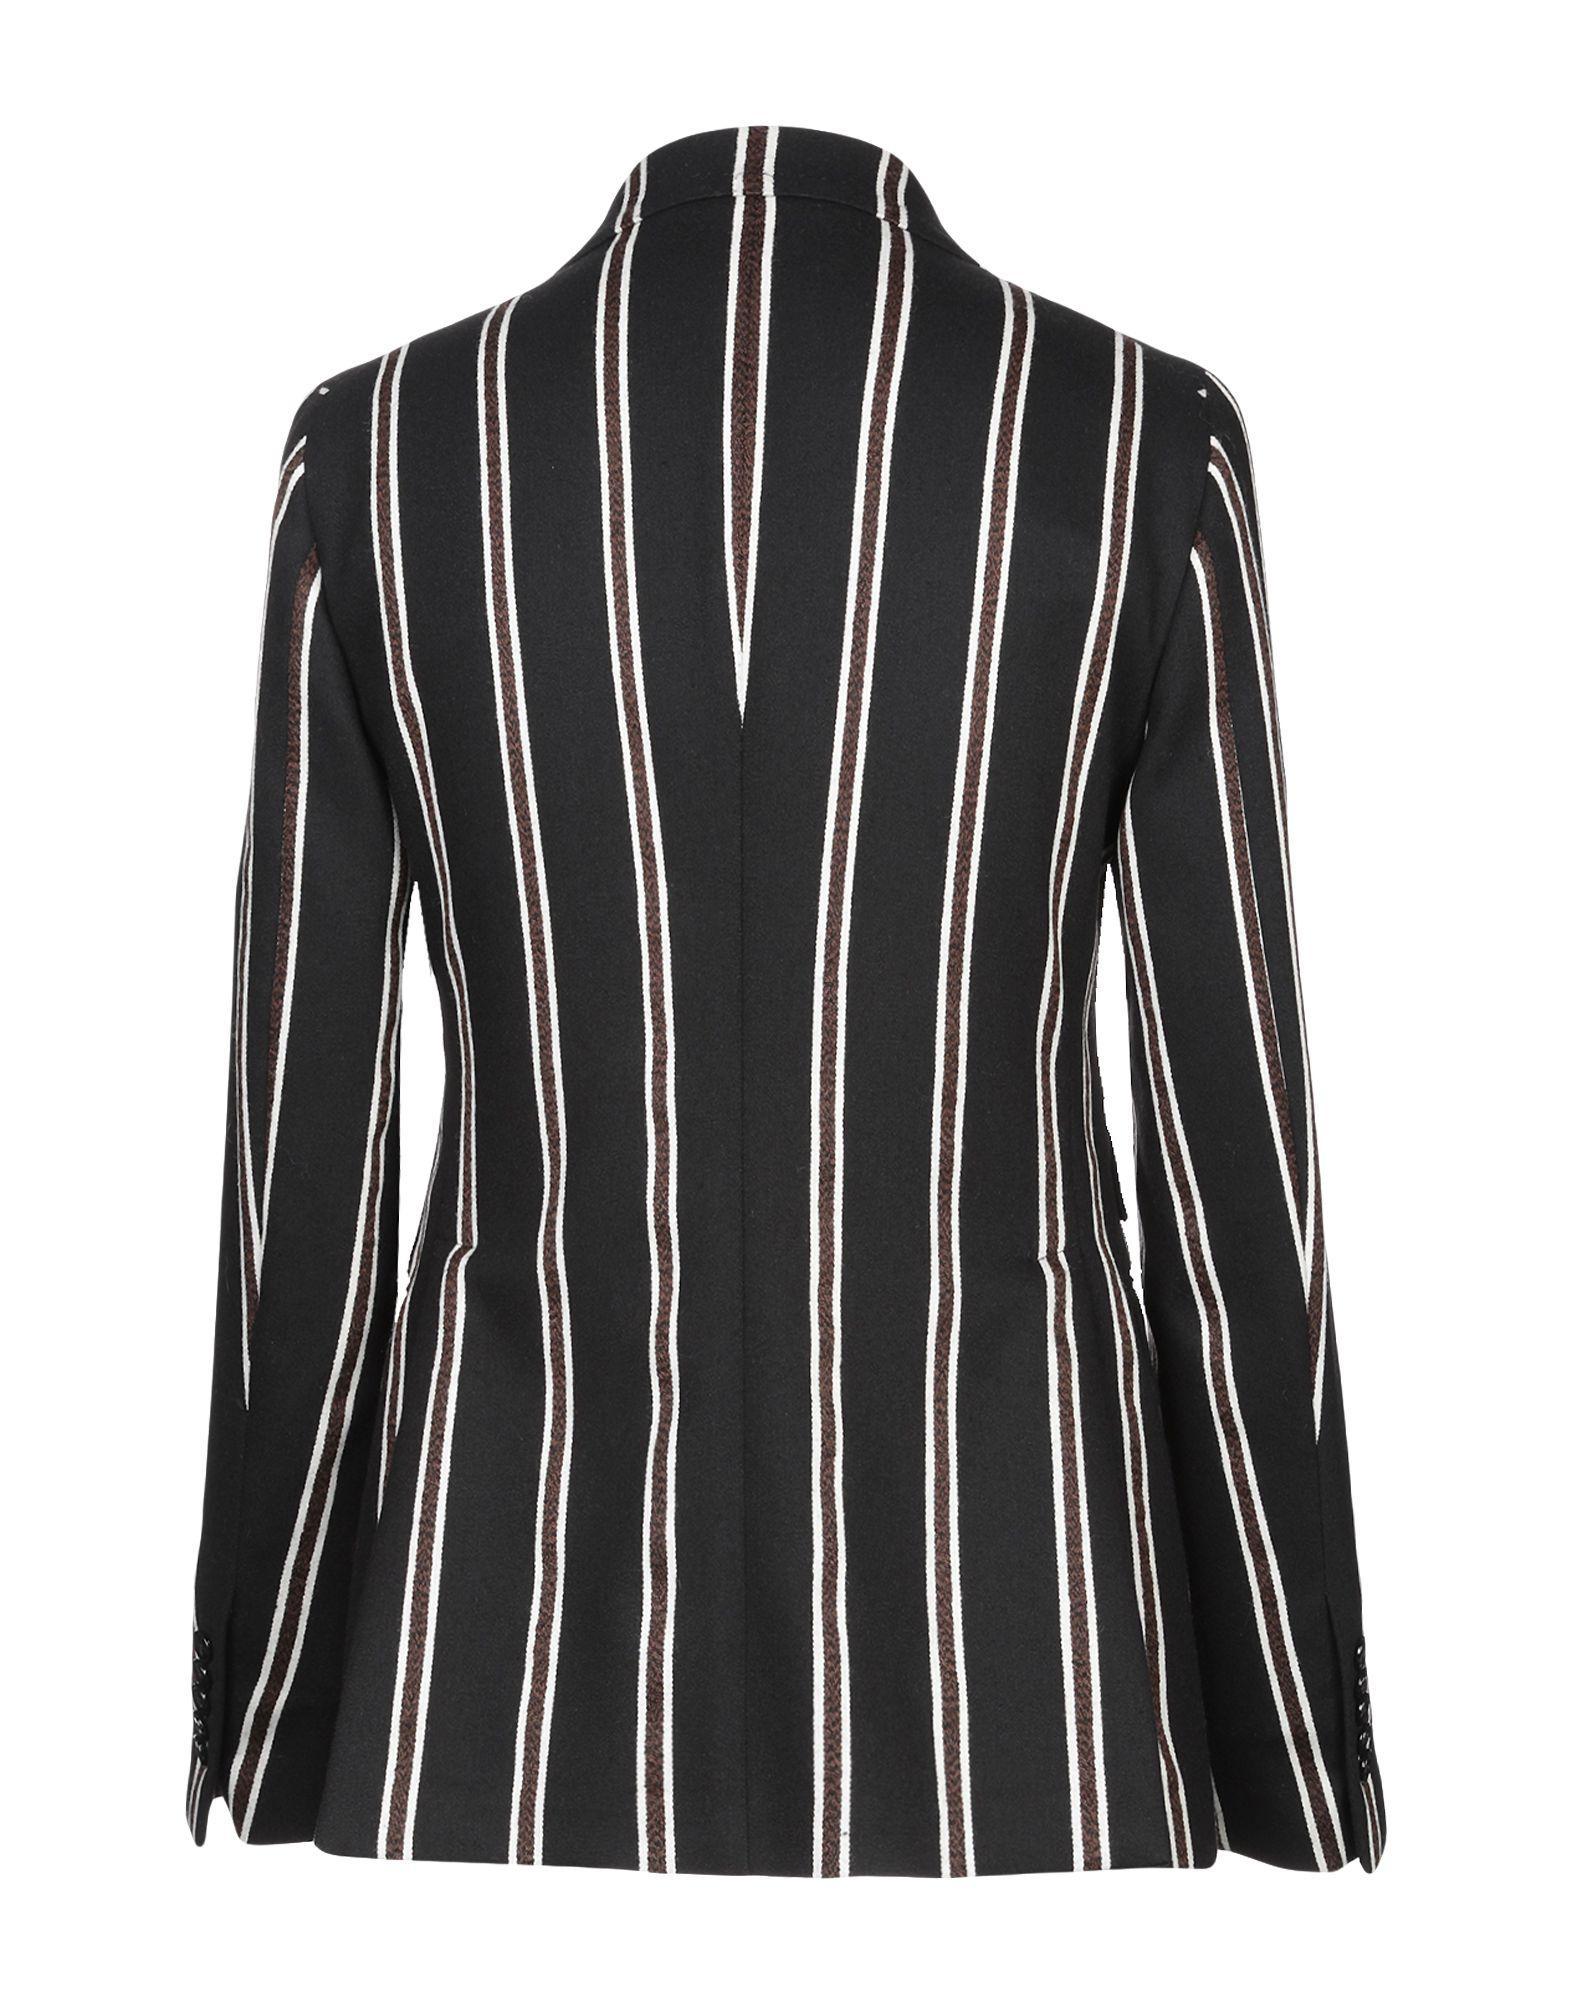 Veste Flannelle Tagliatore pour homme en coloris Noir